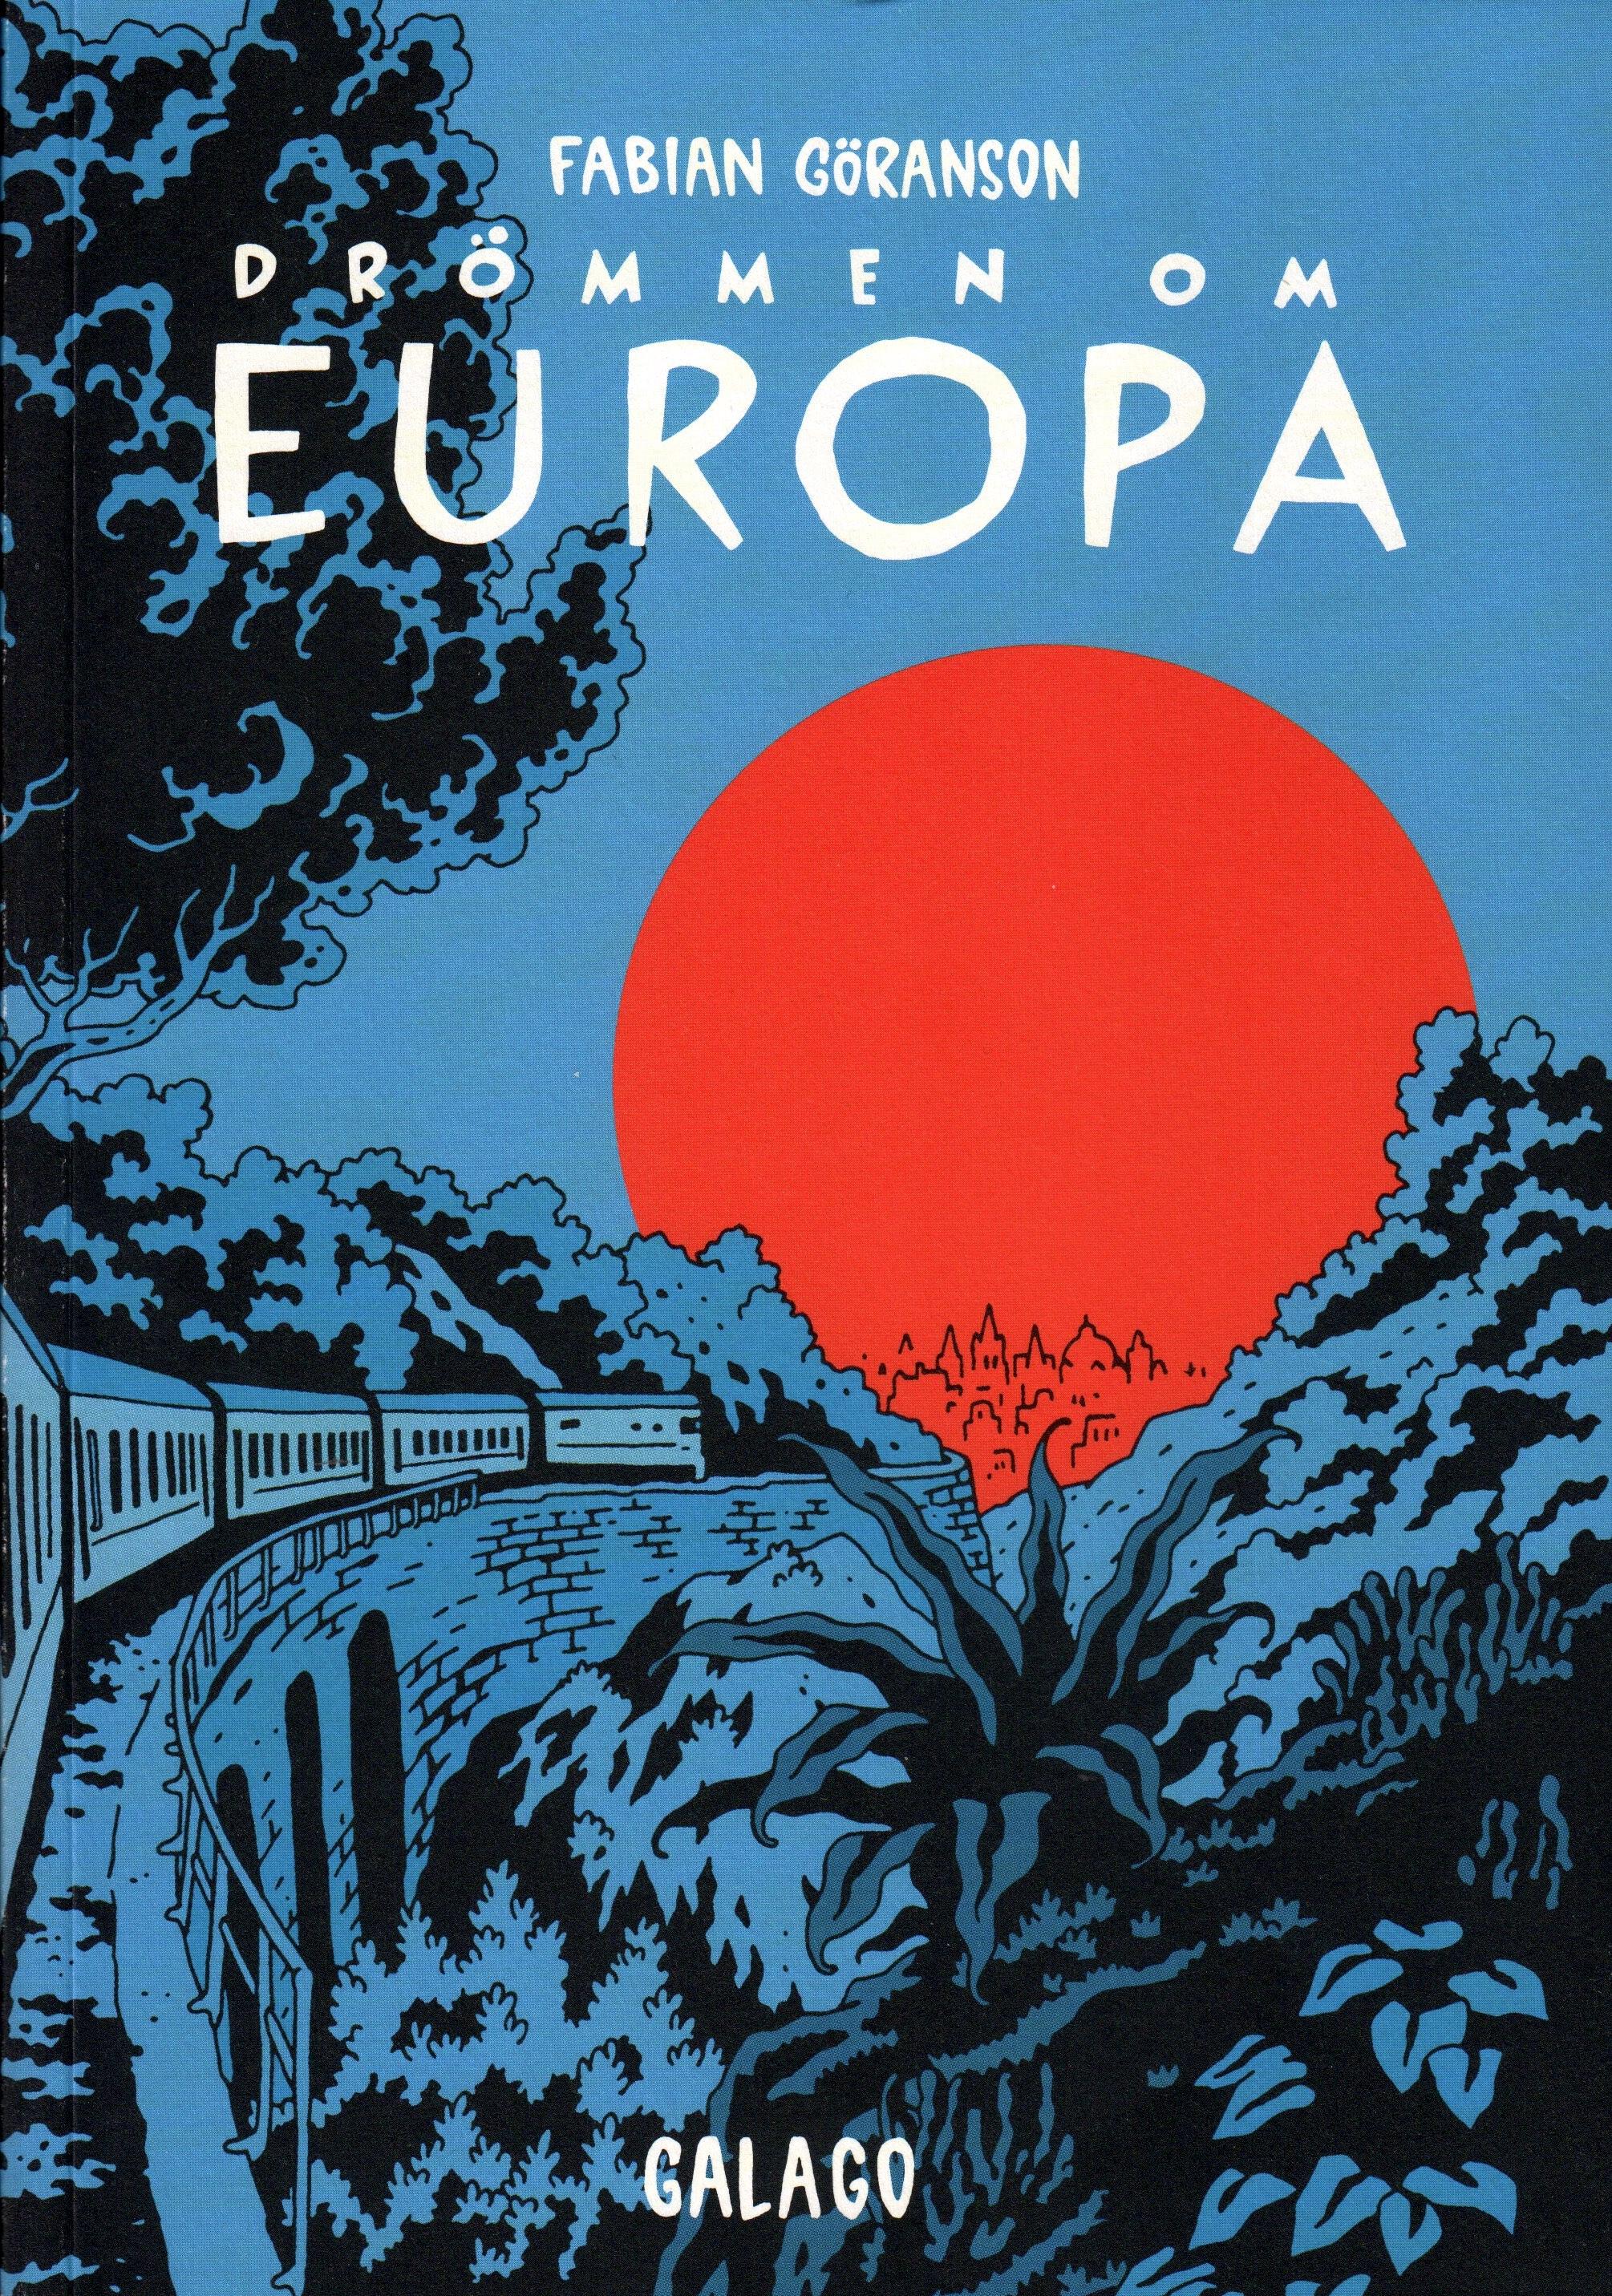 Drömmen om Europa - omslag